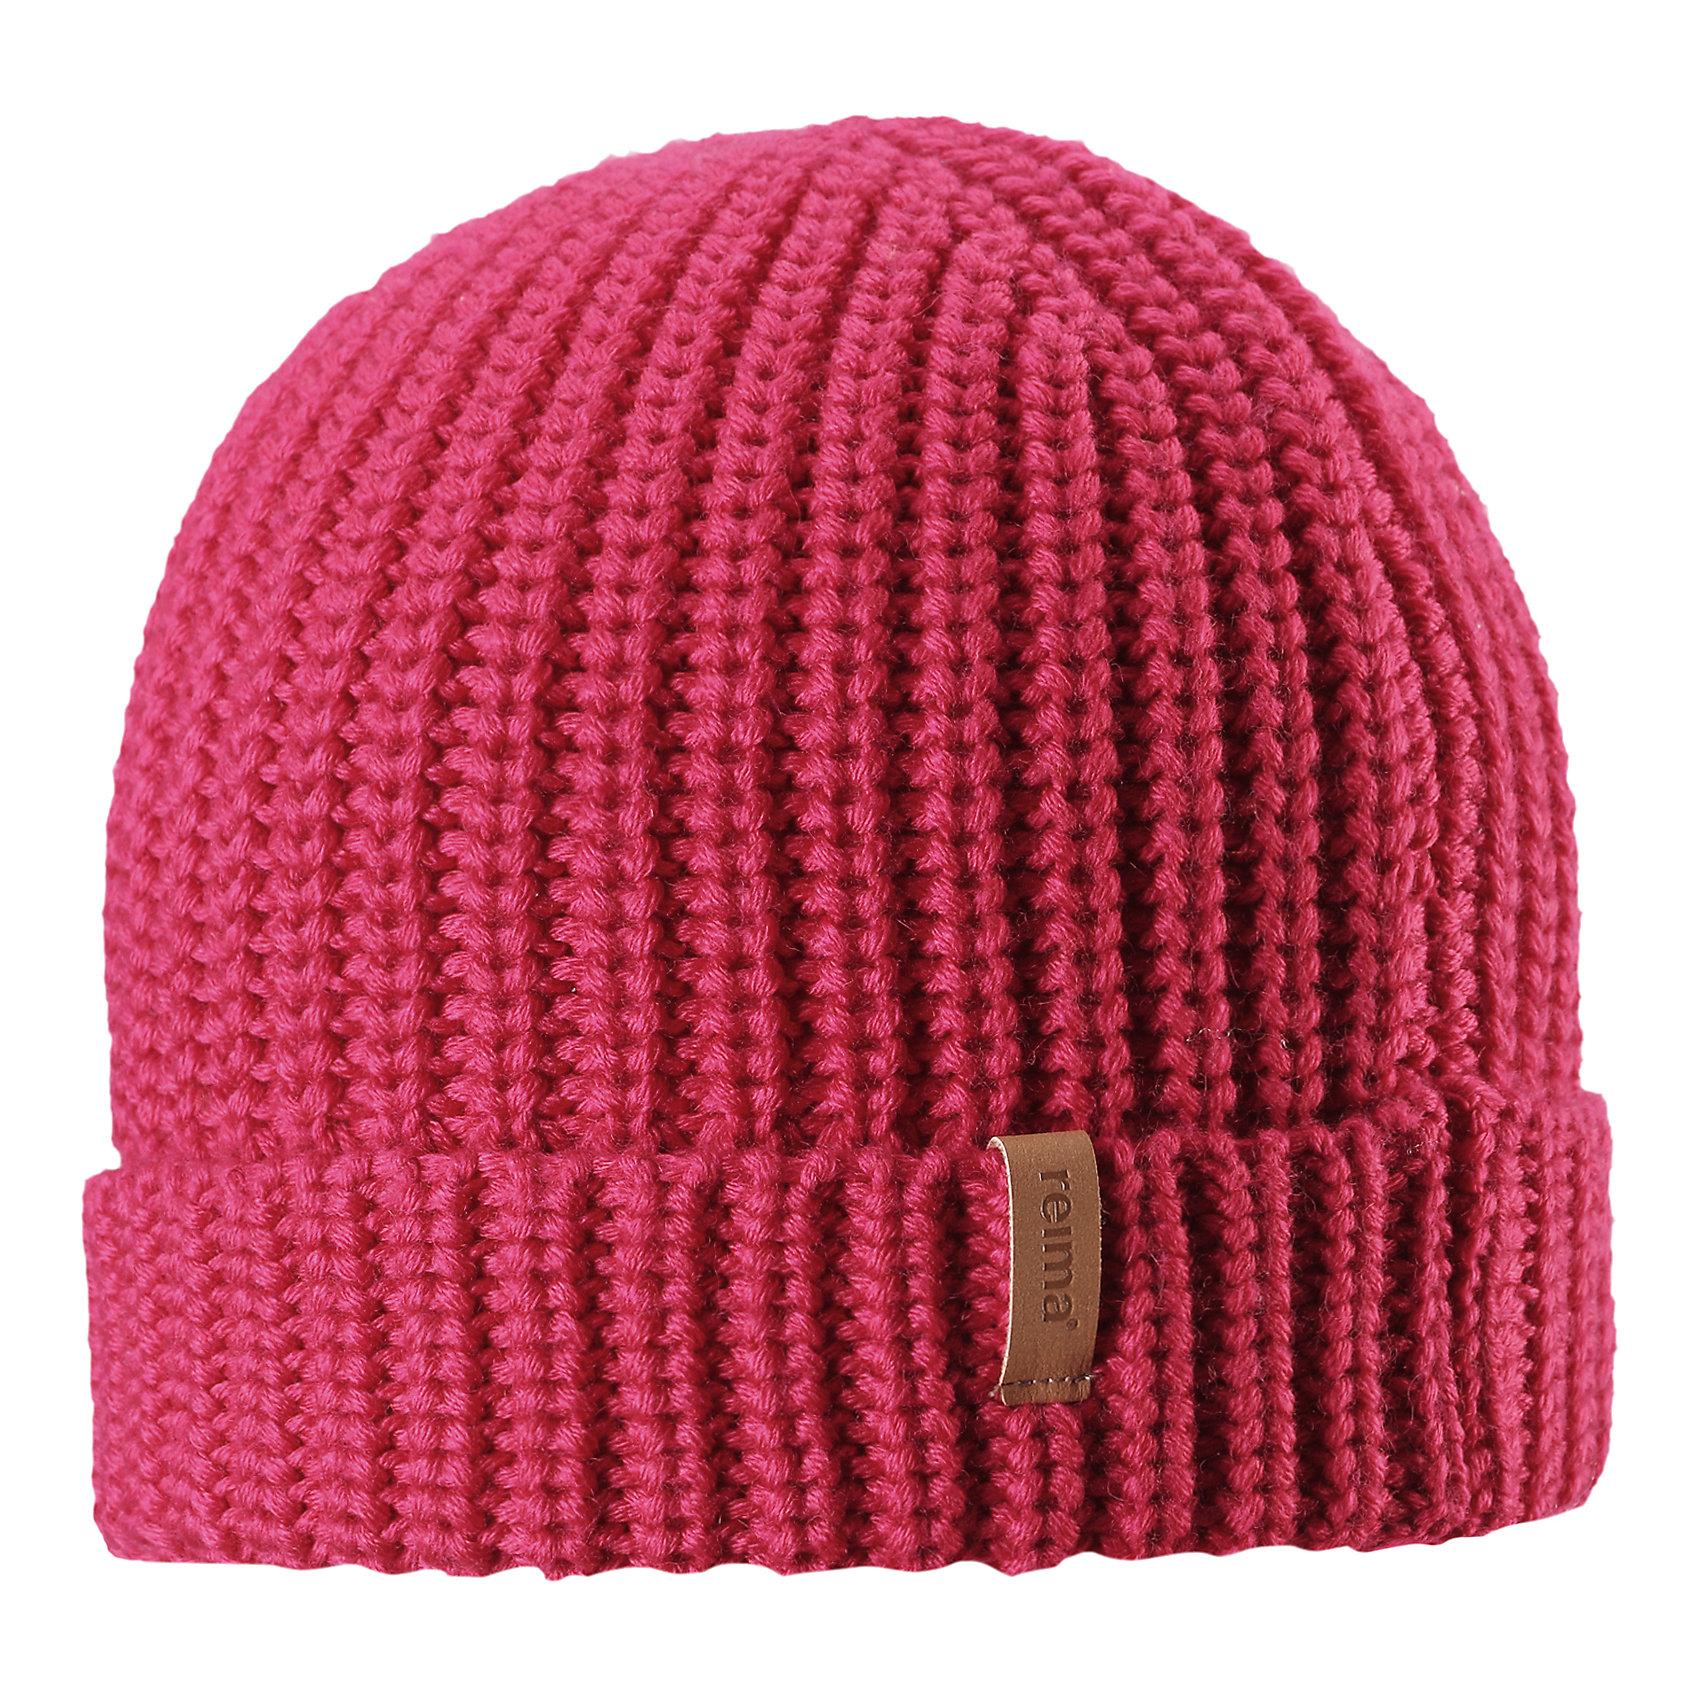 Шапка Vanttuu ReimaГоловные уборы<br>Детская шапка из теплого полушерстяного трикотажа. Шерсть – превосходный терморегулятор. Облегченная модель без подкладки. Оригинальный структурный узор дополняет образ.<br>Состав:<br>50% Шерсть, 50% Полиакрил<br><br>Ширина мм: 89<br>Глубина мм: 117<br>Высота мм: 44<br>Вес г: 155<br>Цвет: розовый<br>Возраст от месяцев: 72<br>Возраст до месяцев: 84<br>Пол: Унисекс<br>Возраст: Детский<br>Размер: 54-56,50-52<br>SKU: 6902529